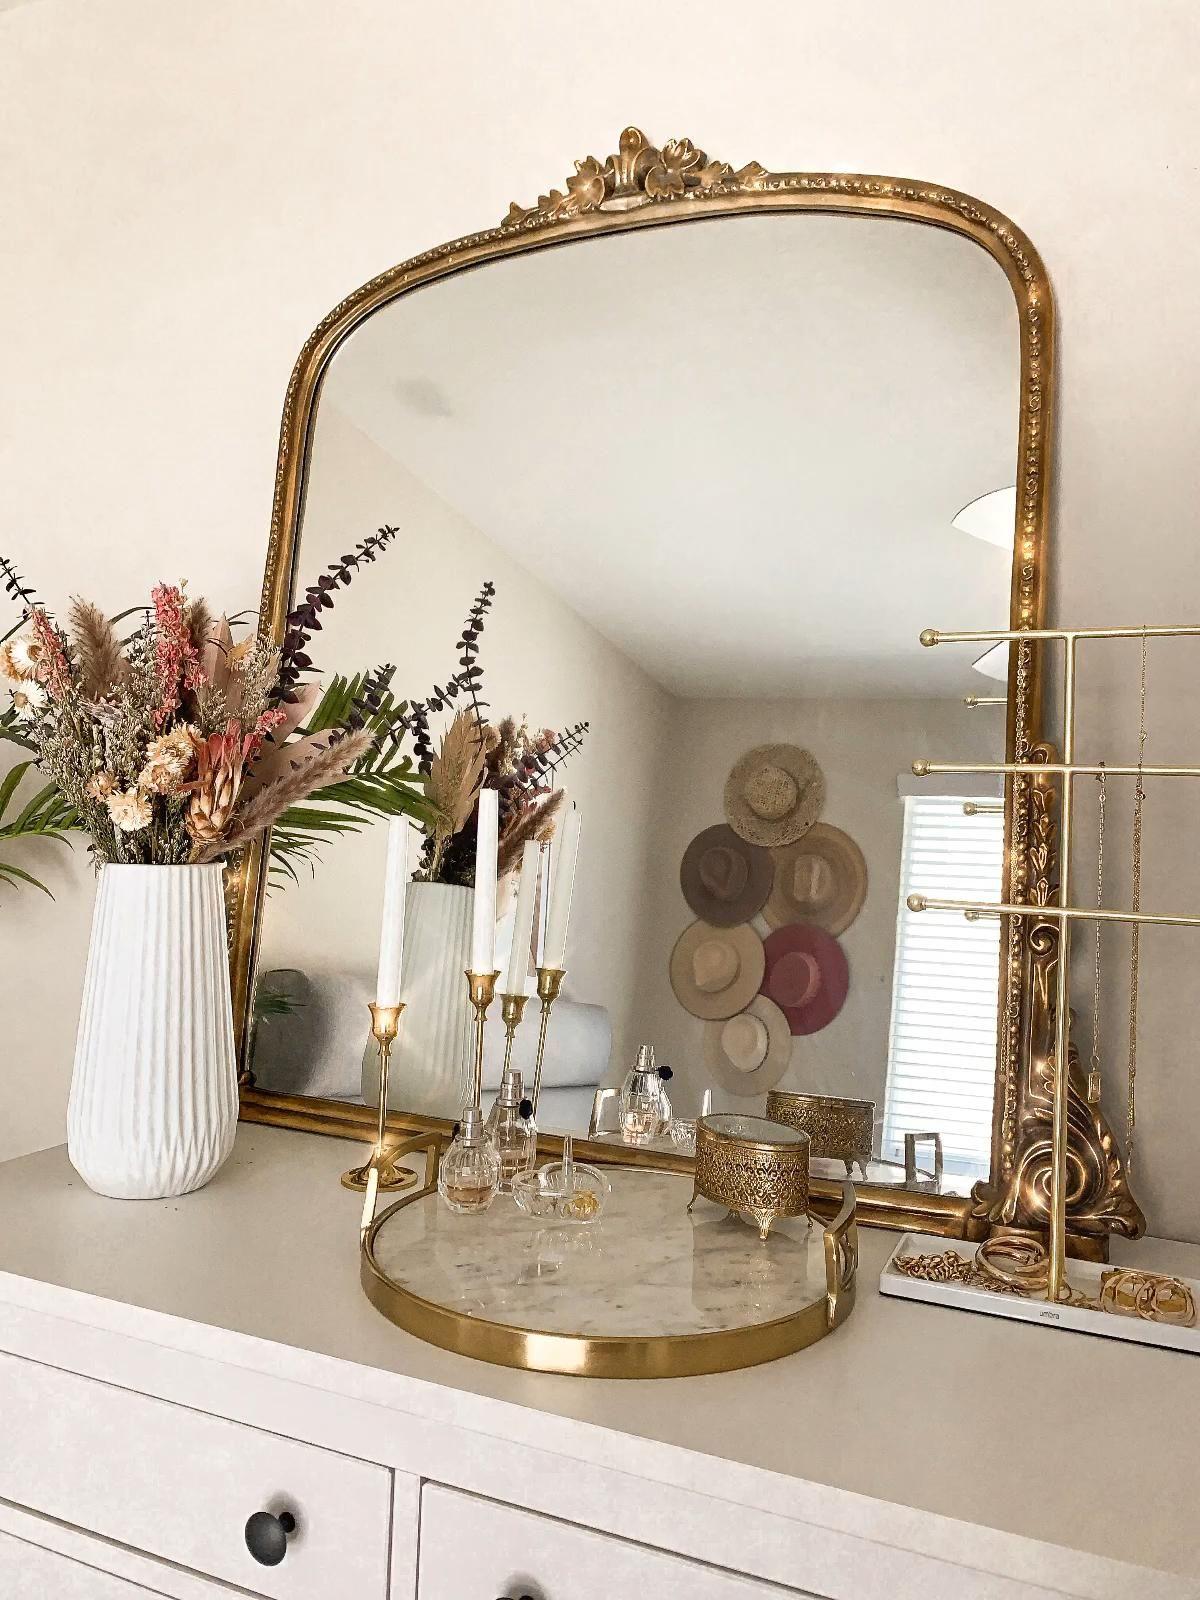 Vanity of my dreams #vanity #vanitymirror #goldaes